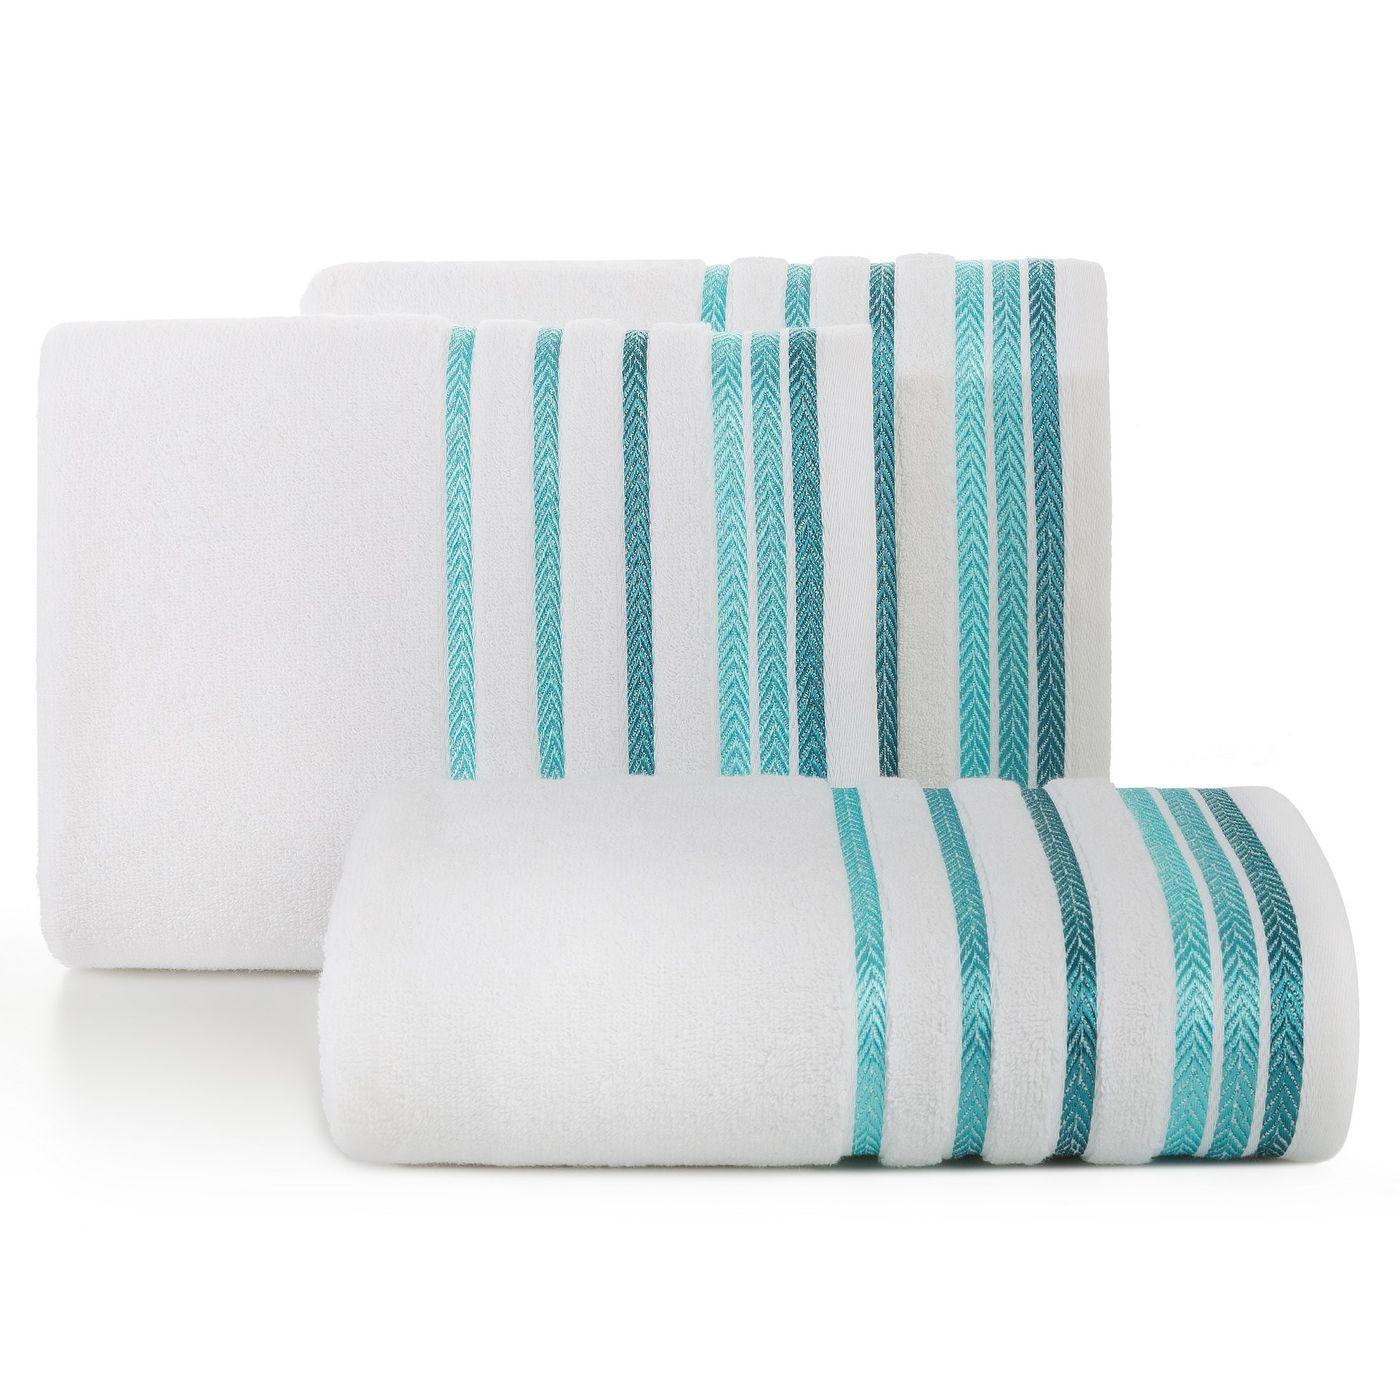 Ręcznik z bawełny z kolorowymi paskami w jodełkę 70x140cm biały+turkusowy